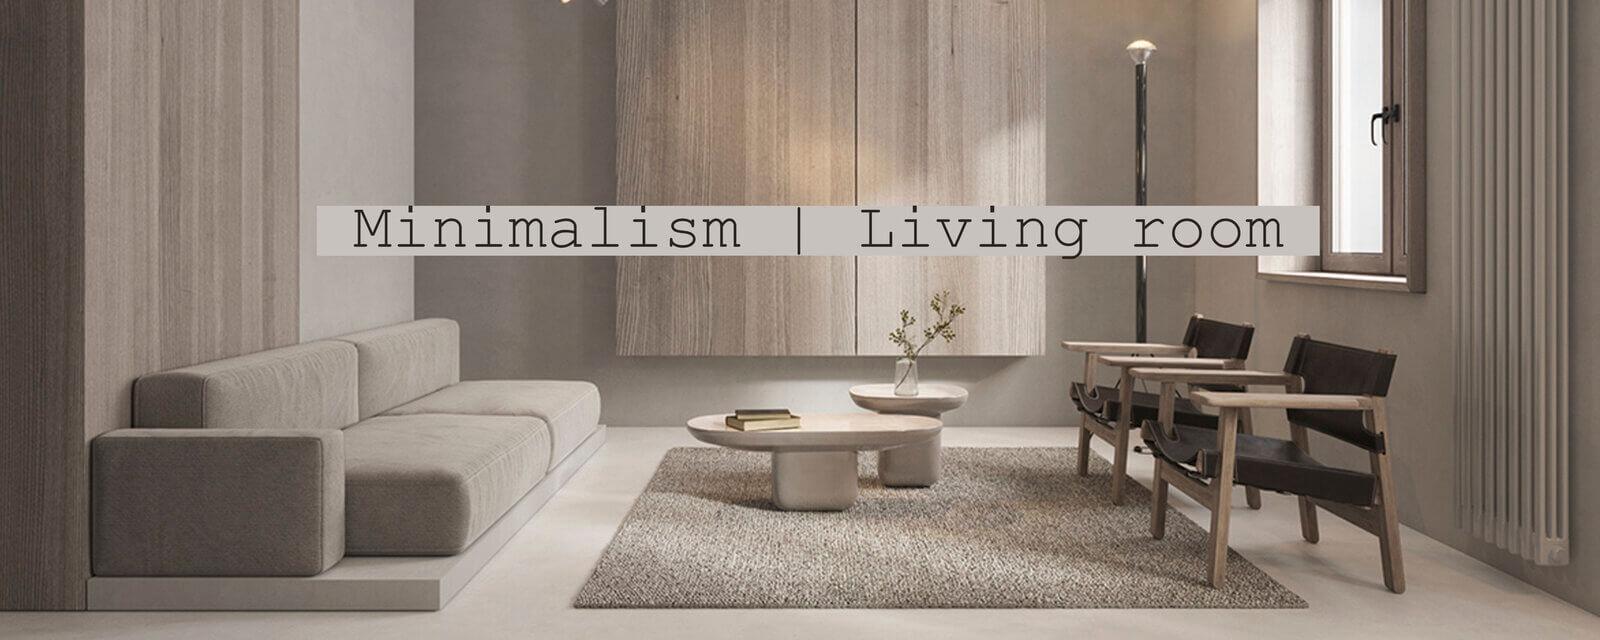 Minimalism | Living Room